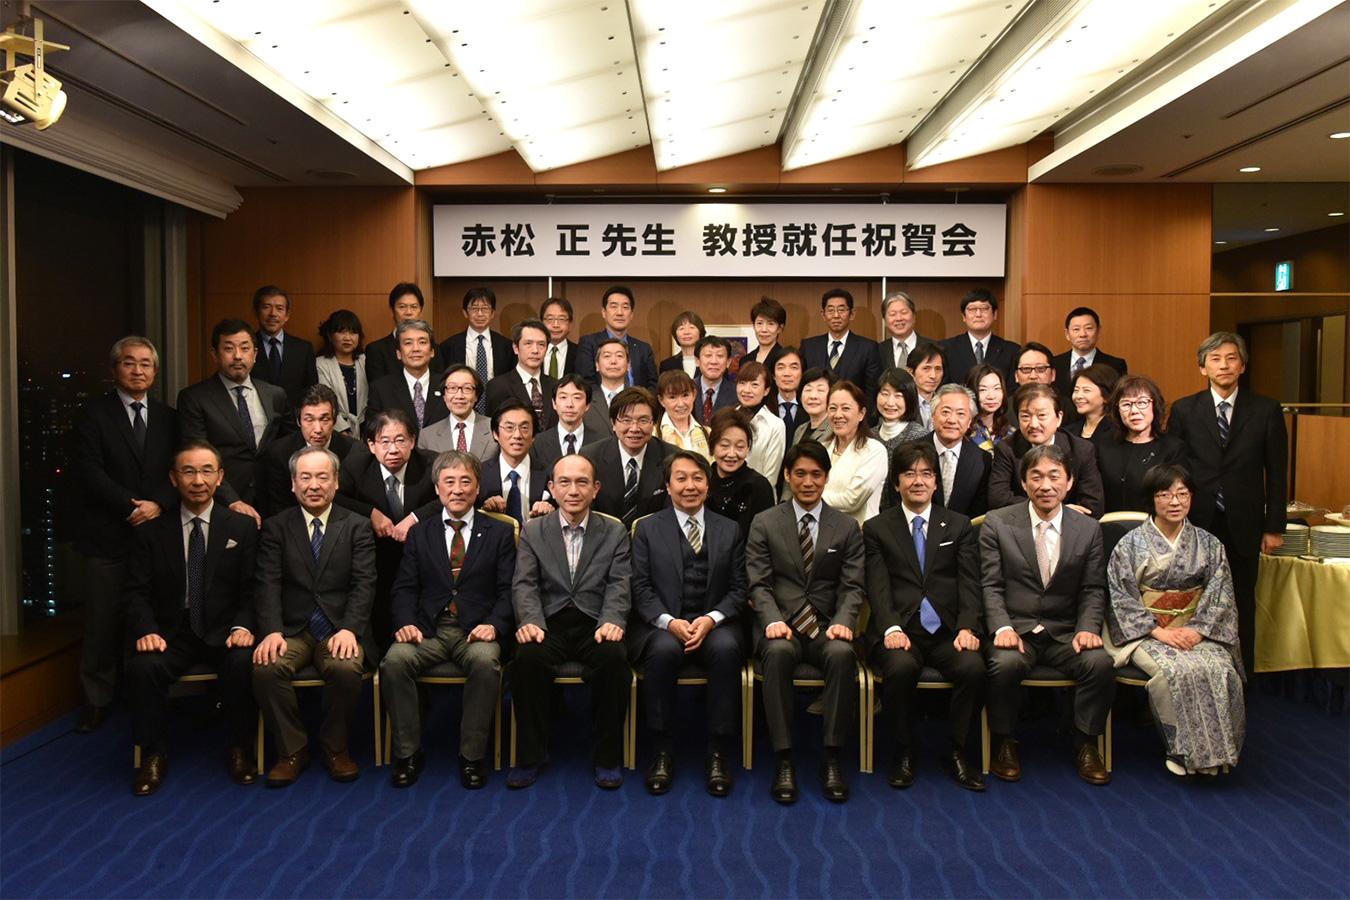 「赤松 正先生の教授就任をお祝いする会」開催される(同窓会報408号より)